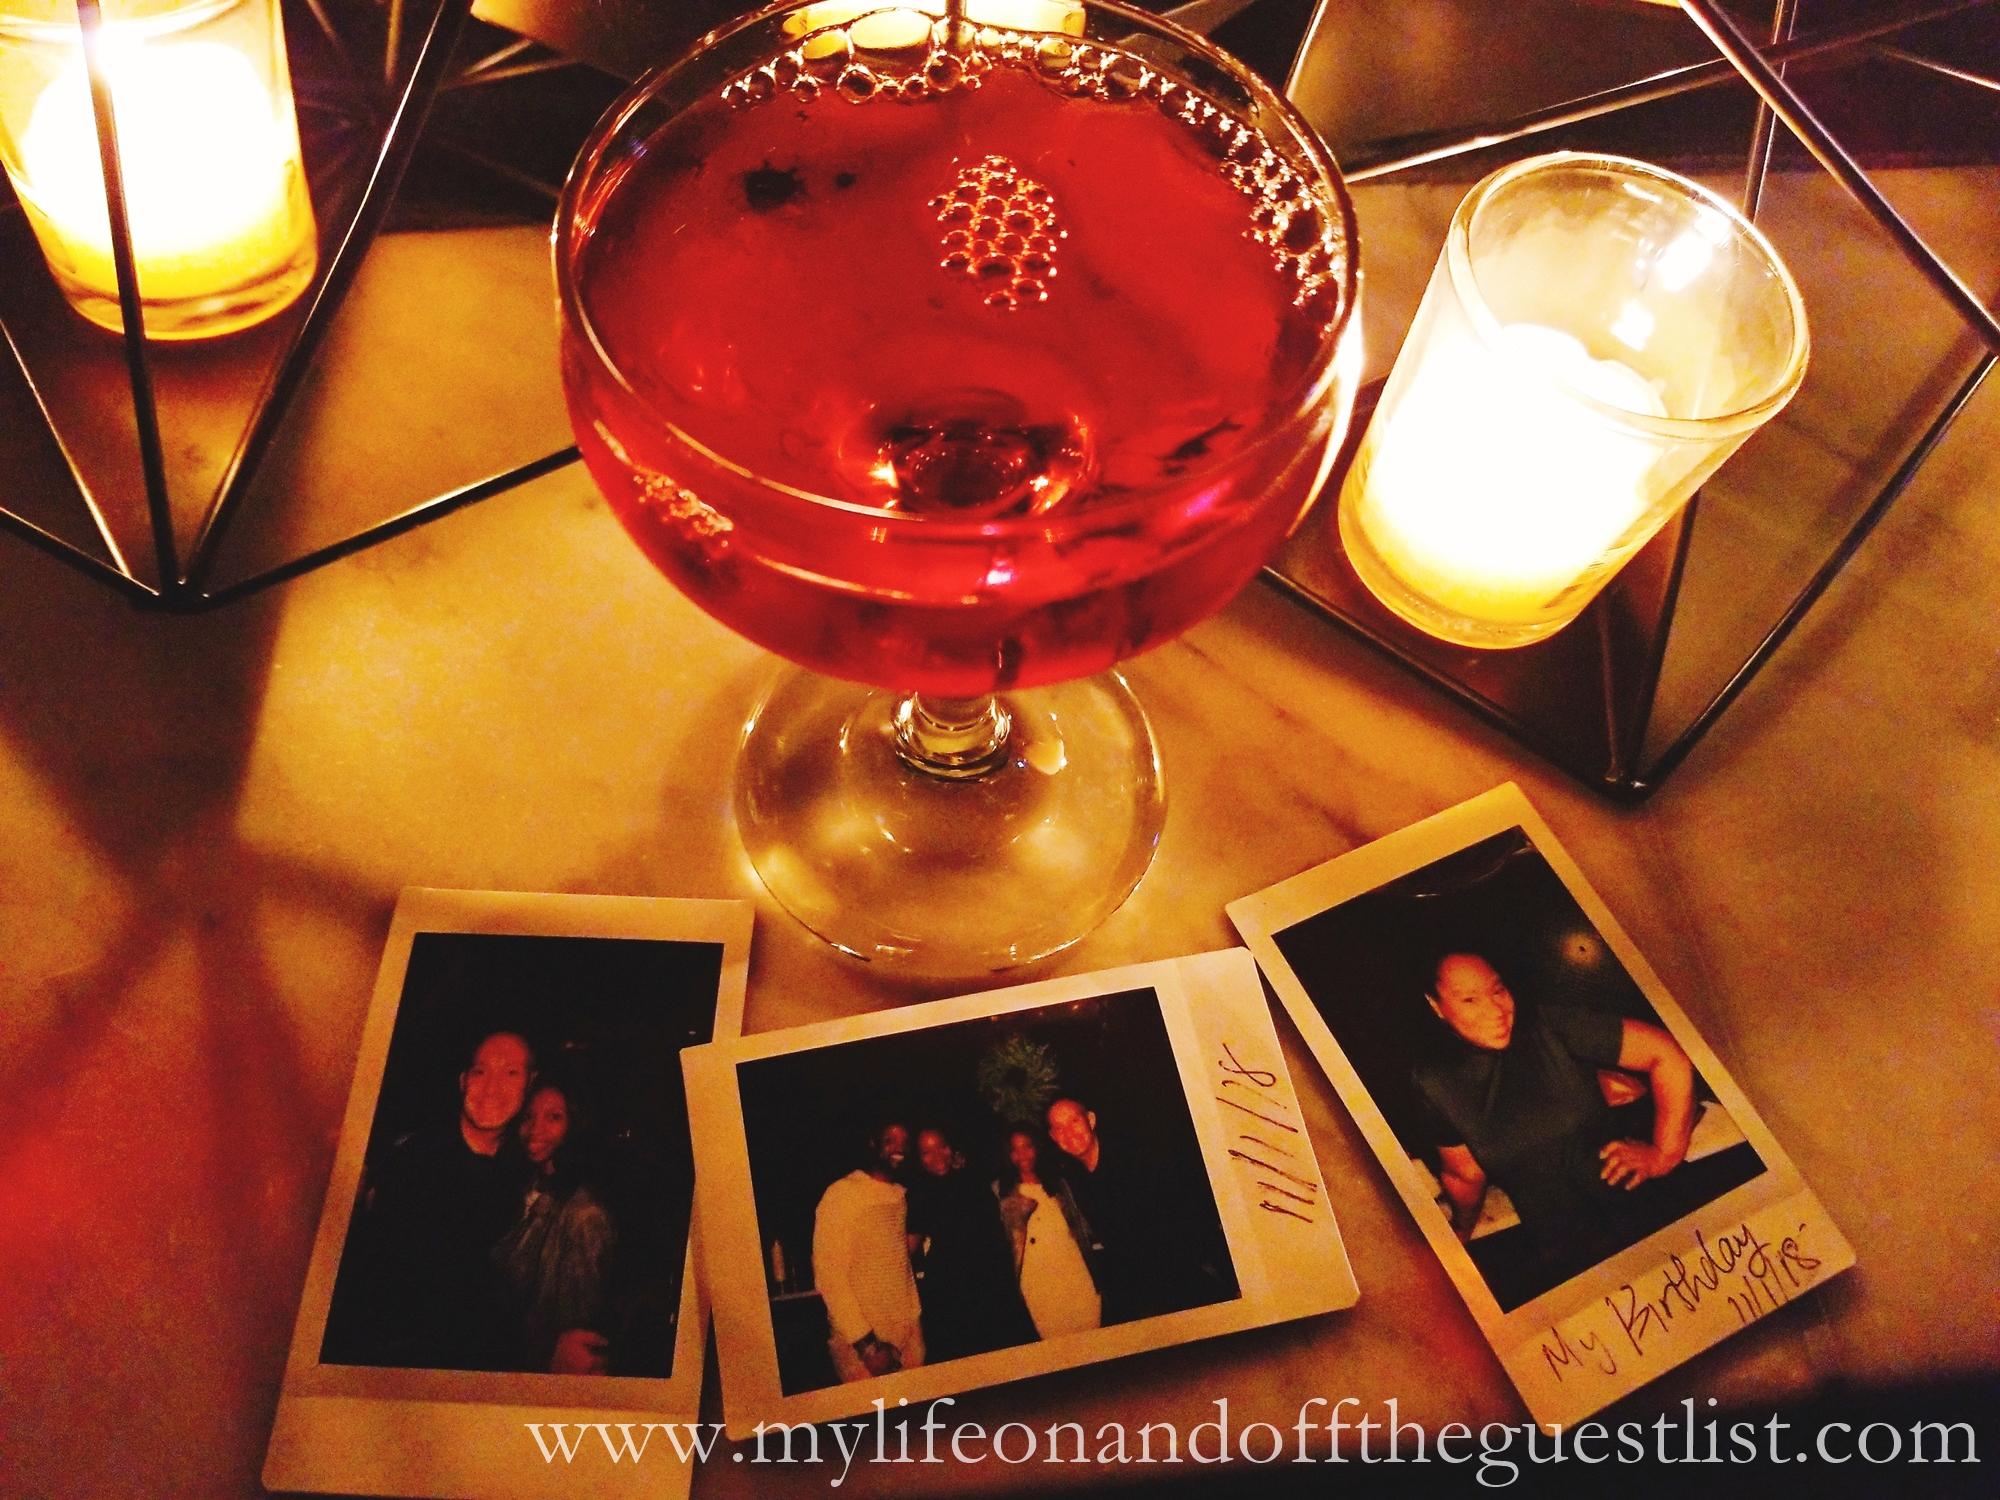 Basil Hayden's #BHFriendsgiving